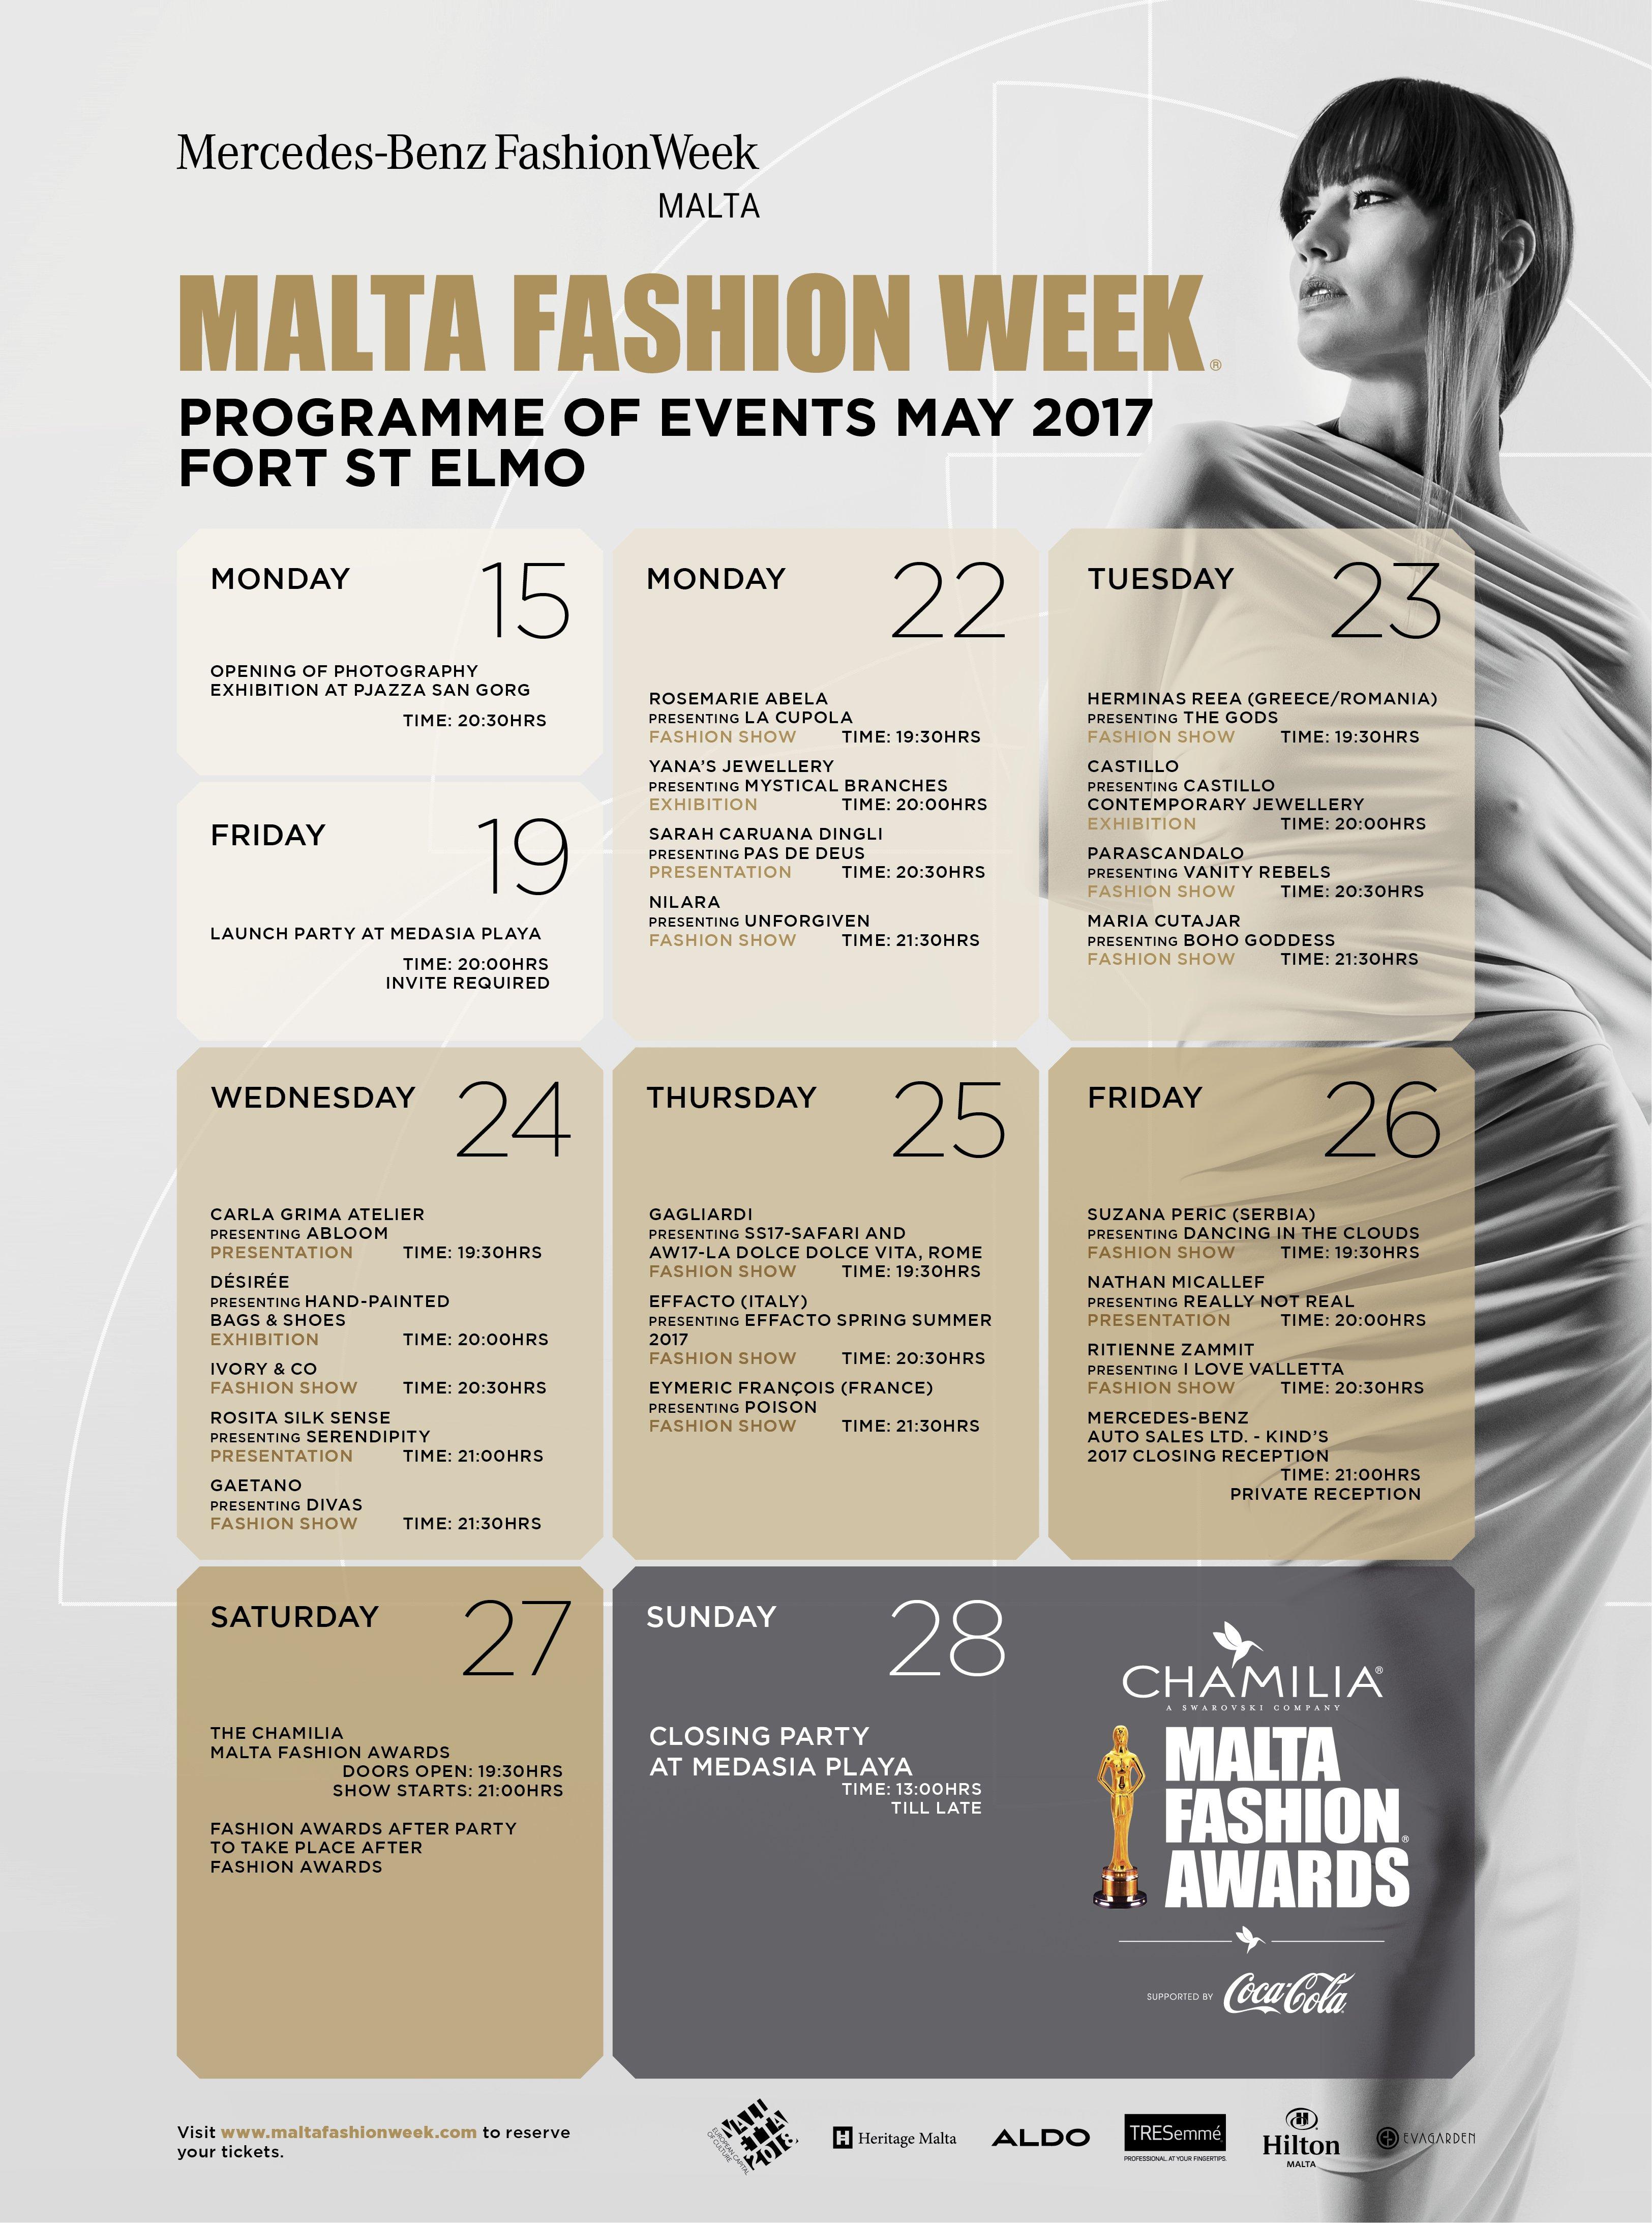 Malta Fashion Week 2017 programme